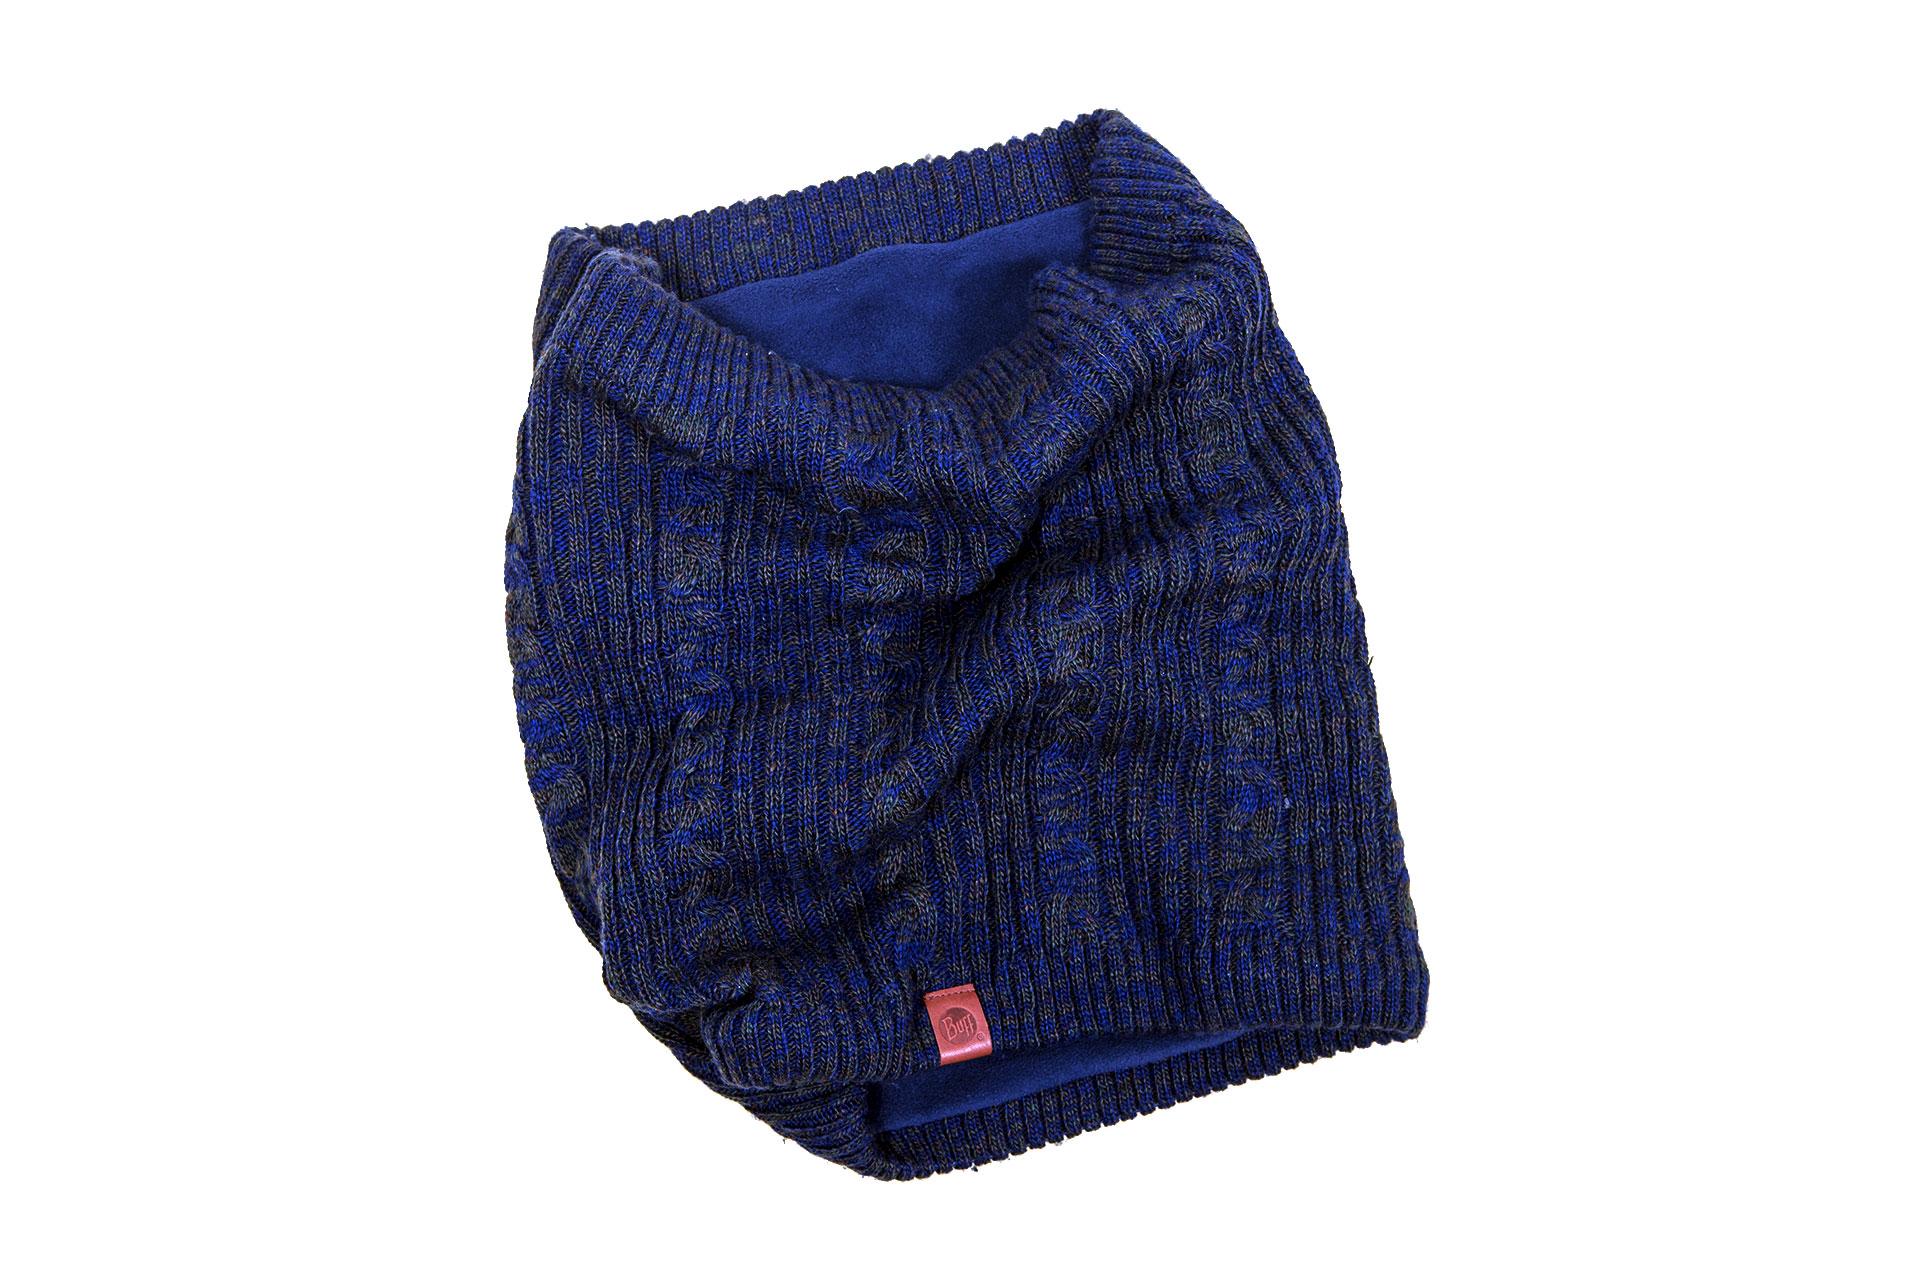 Der BUFF® Knitted & Primaloft® Fleece Neckwarmer ist atmungsaktiv, schnelltrocknend und hält besonders an kühlen Tagen warm.